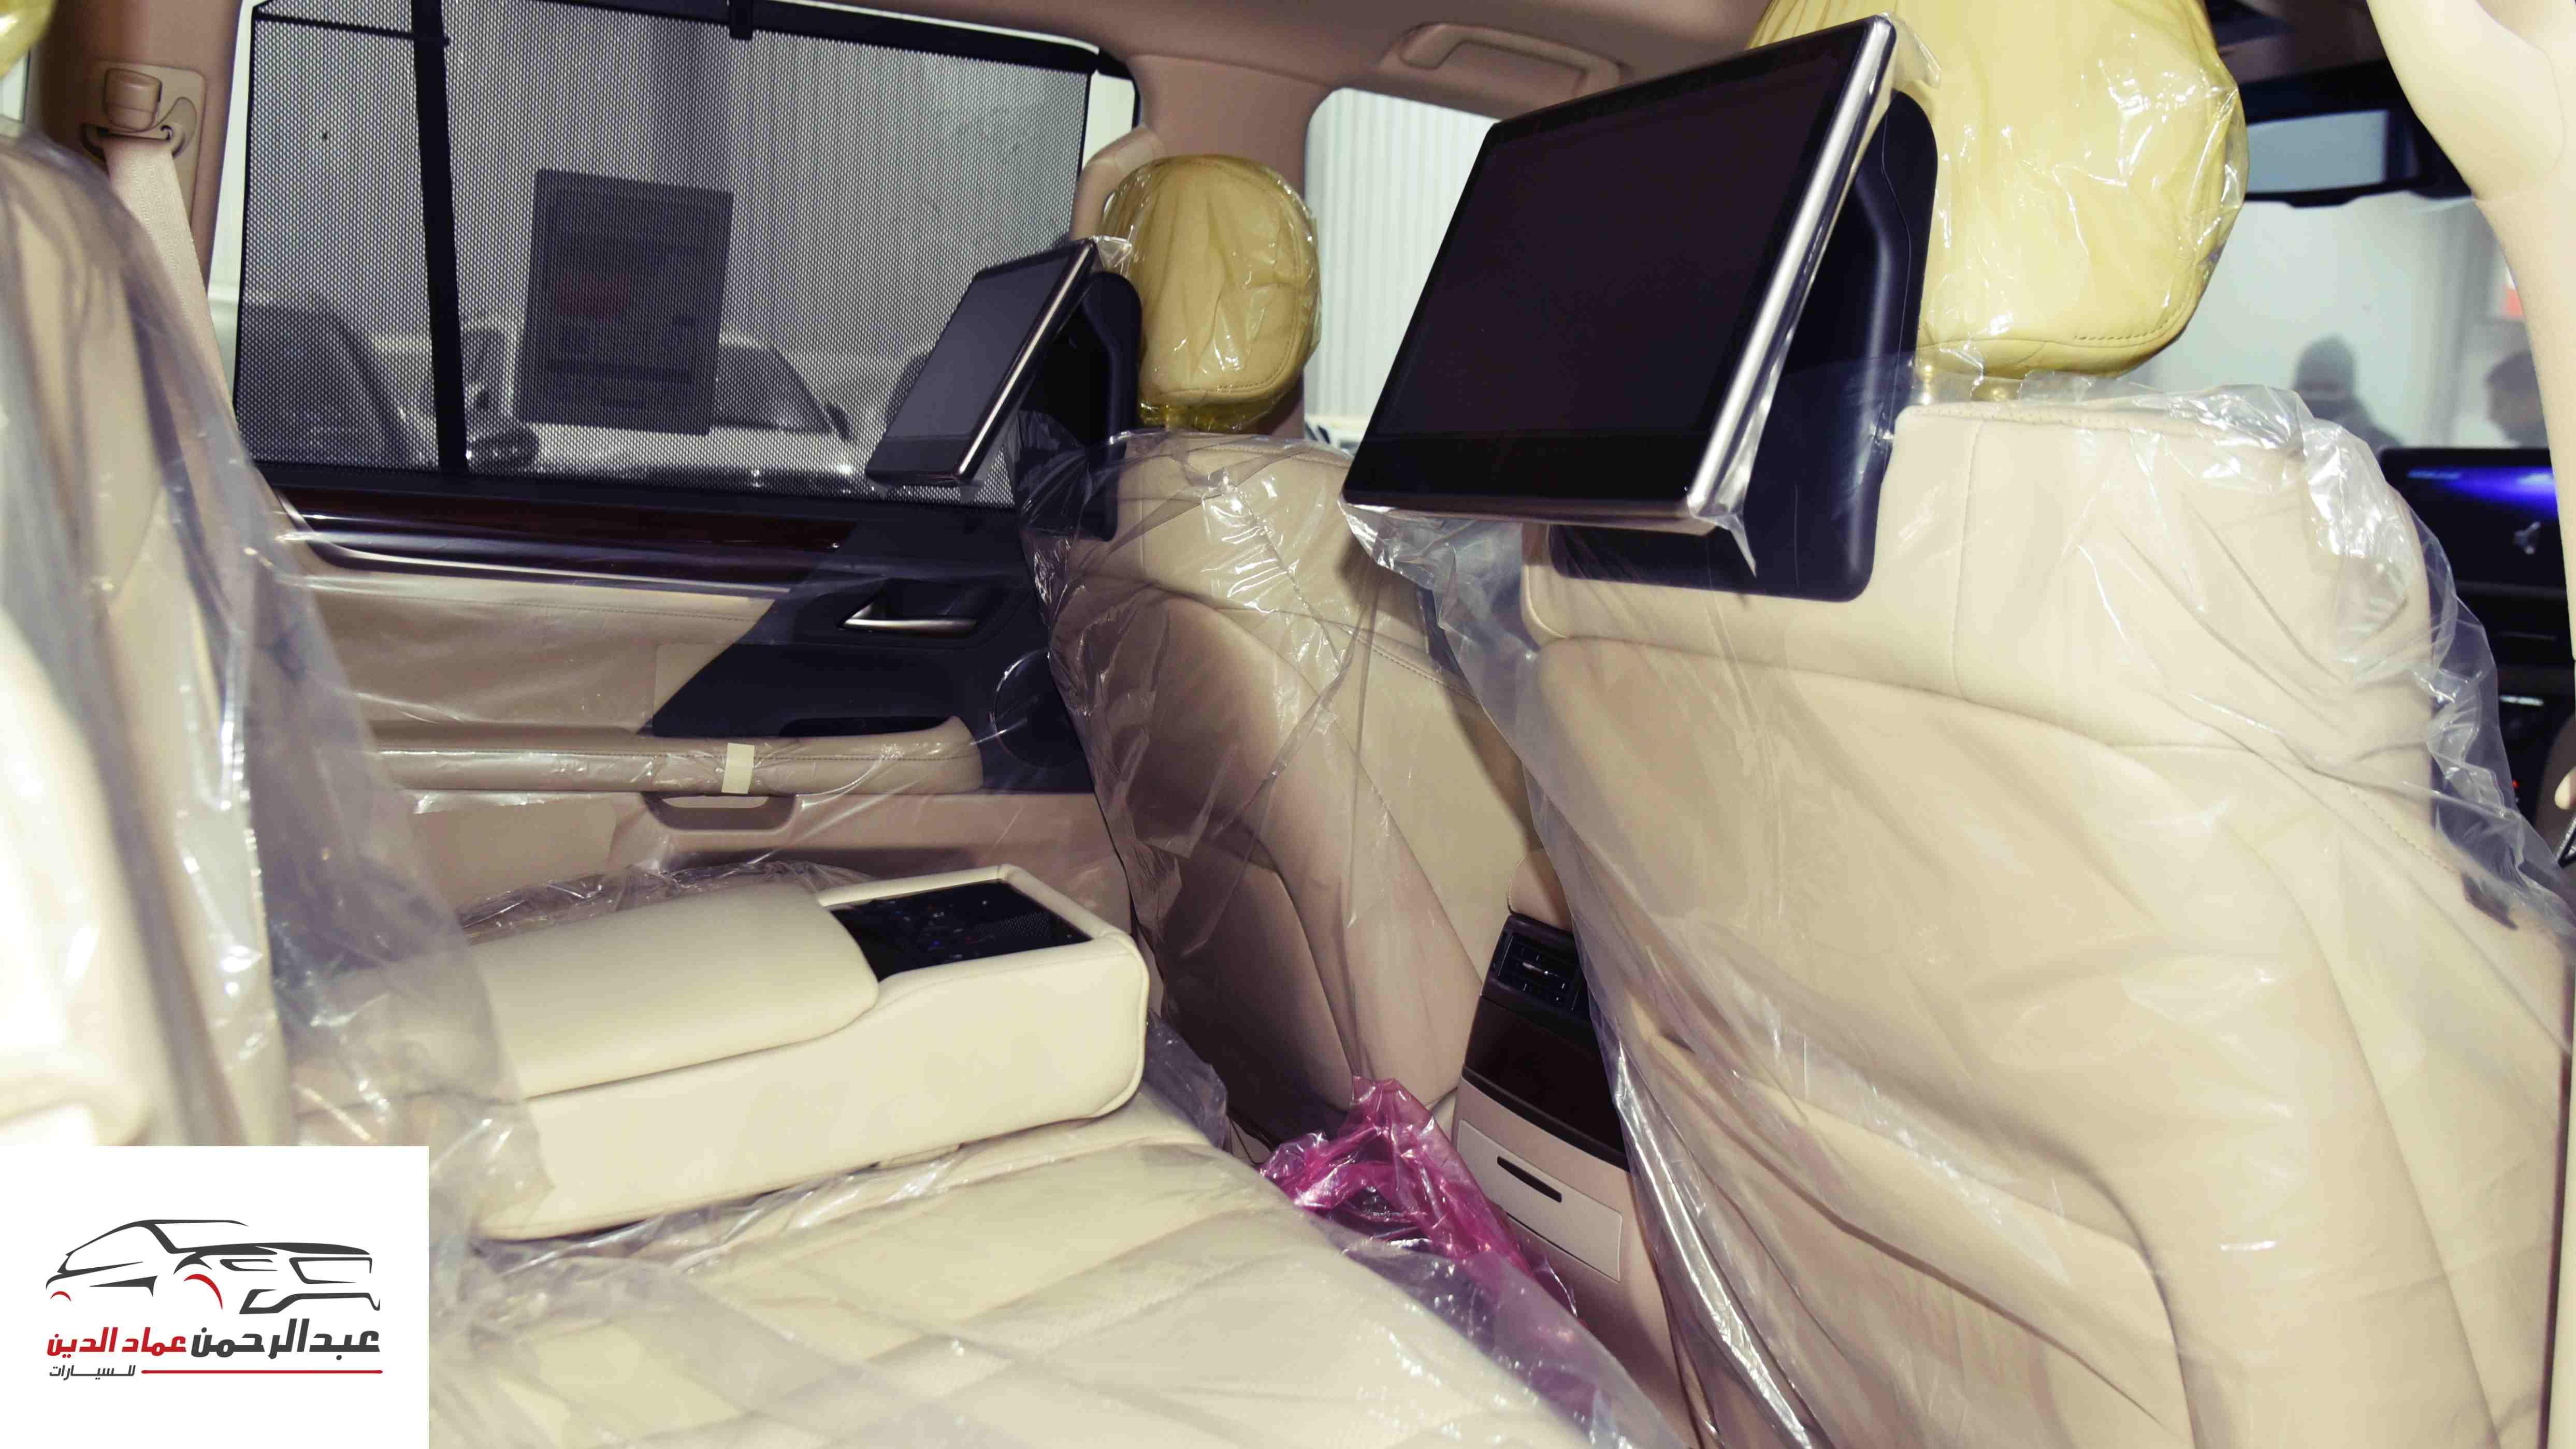 لكزس 2021   LX 570 فئة S S ابواب شفط  بريمي آخر دفعة  للبيع في الرياض - السعودية - صورة كبيرة - 10